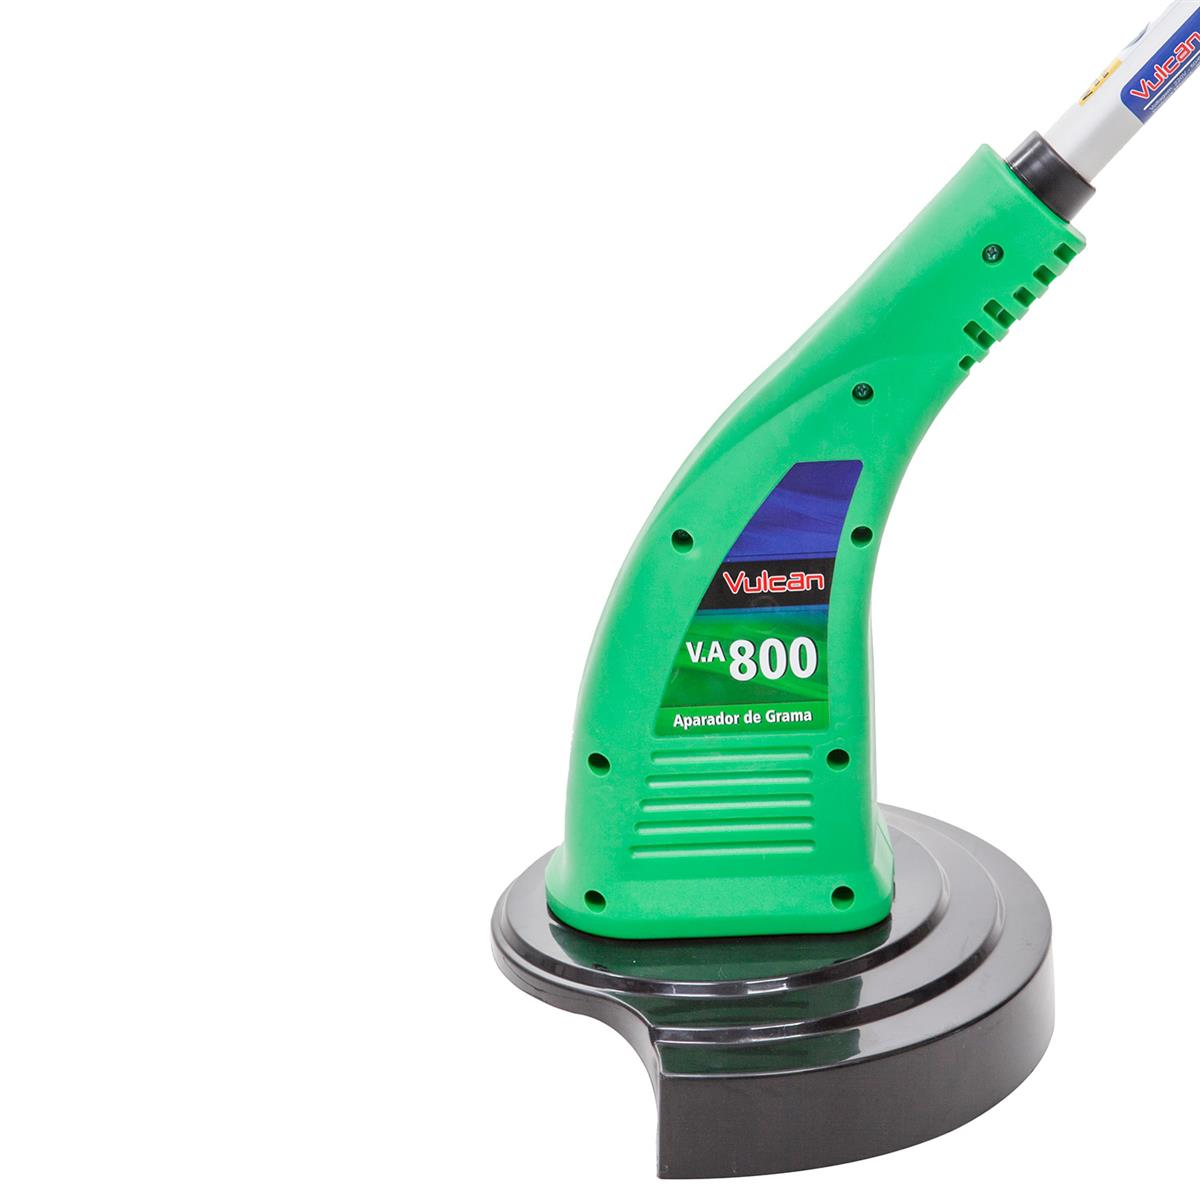 Aparador de Grama Vulcan VA800 Verde 800W 110v